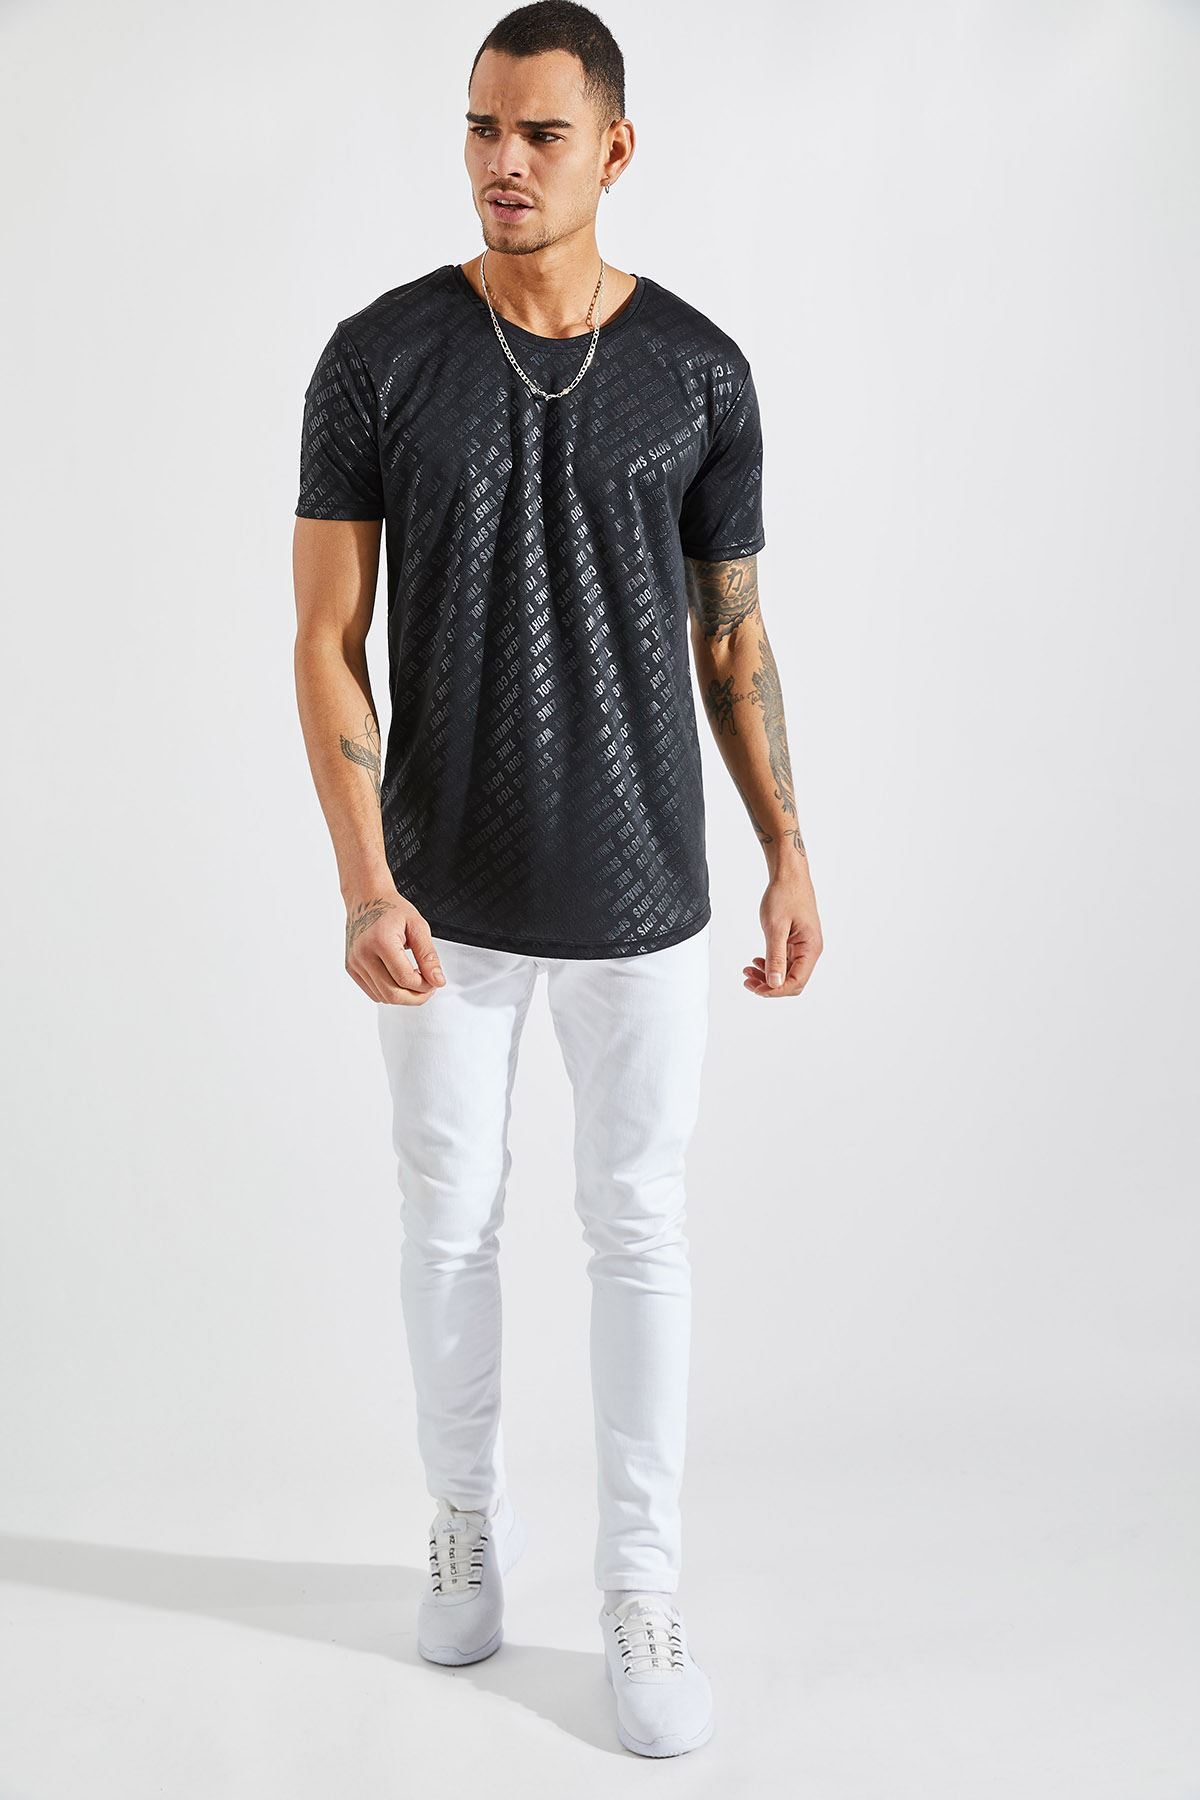 Erkek Baskılı Siyah Tişört